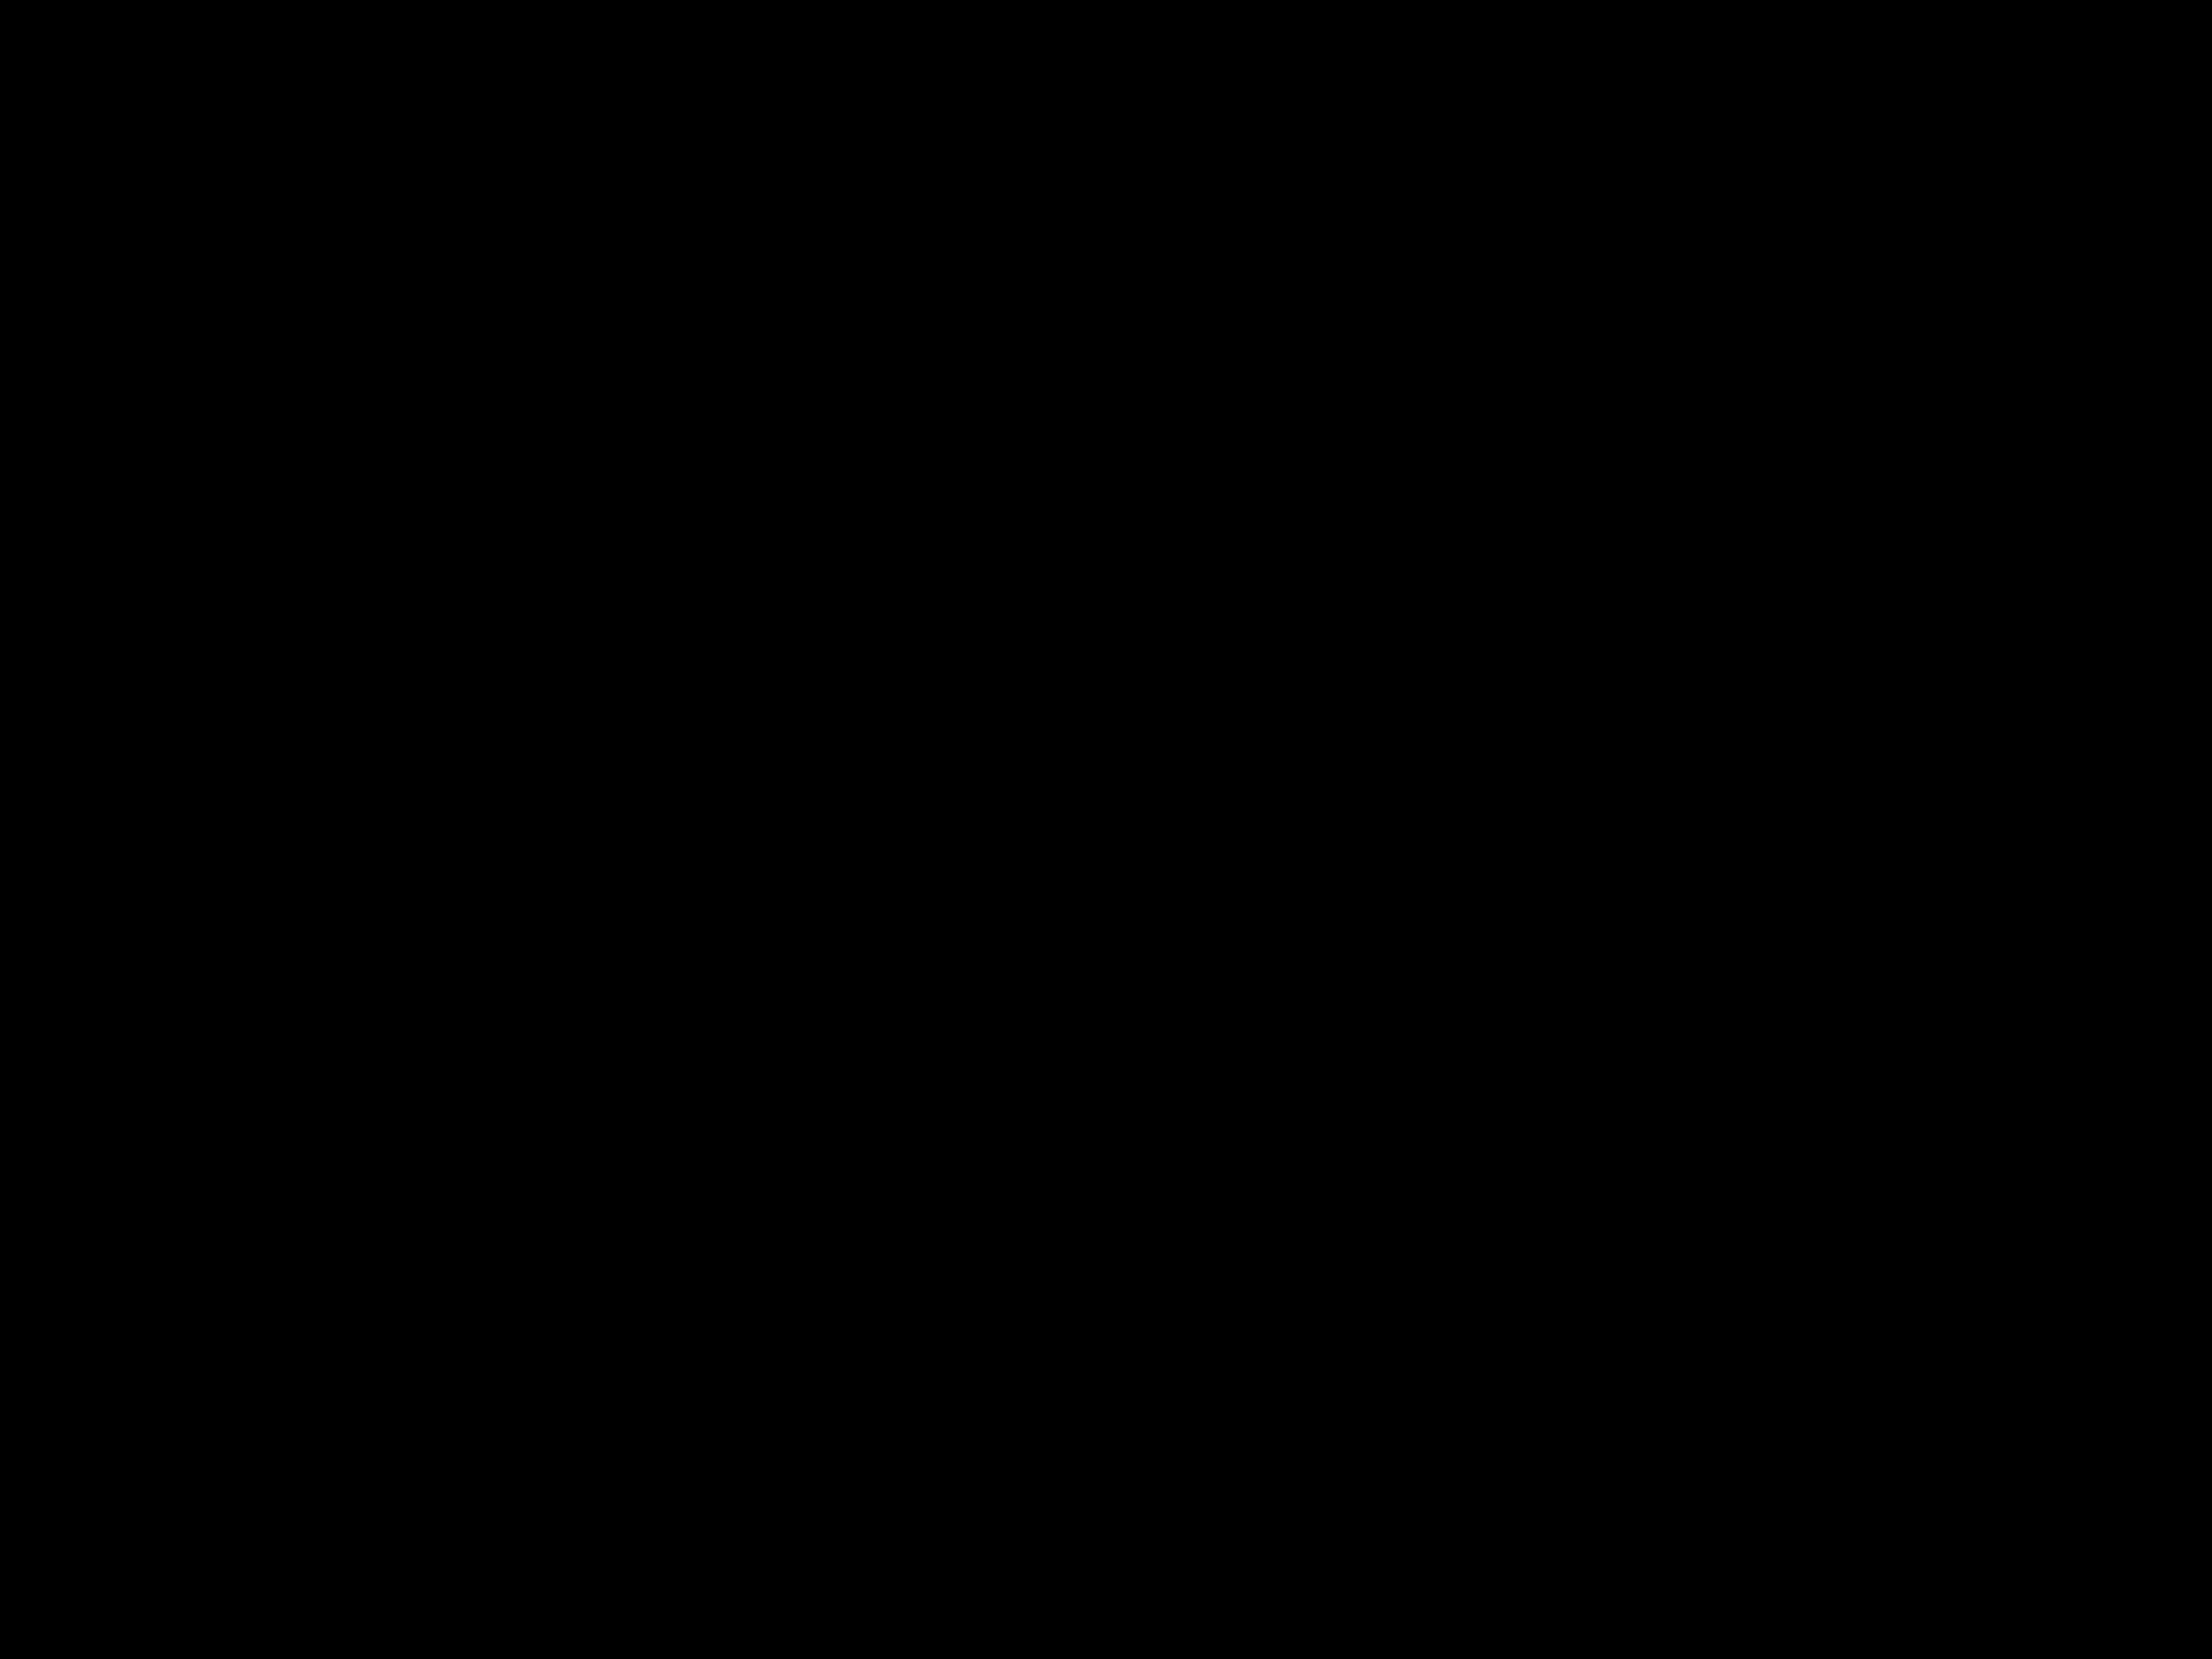 ARK Crystal Pendants